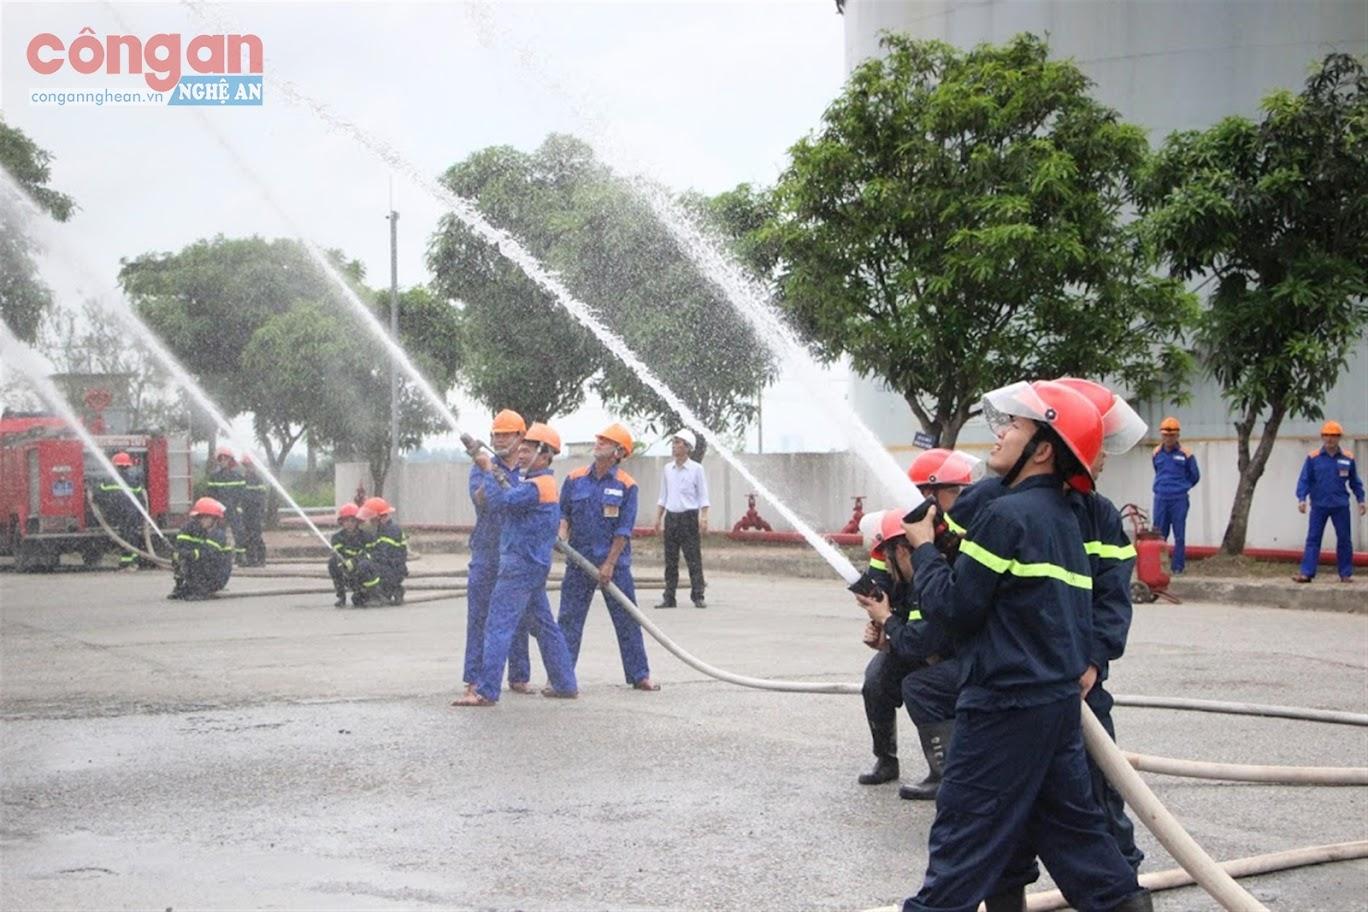 Diễn tập công tác PCCC tại các cơ sở luôn được lực lượng Cảnh sát PCCC&CNCH  chú trọng thực hiện trong thời gian qua